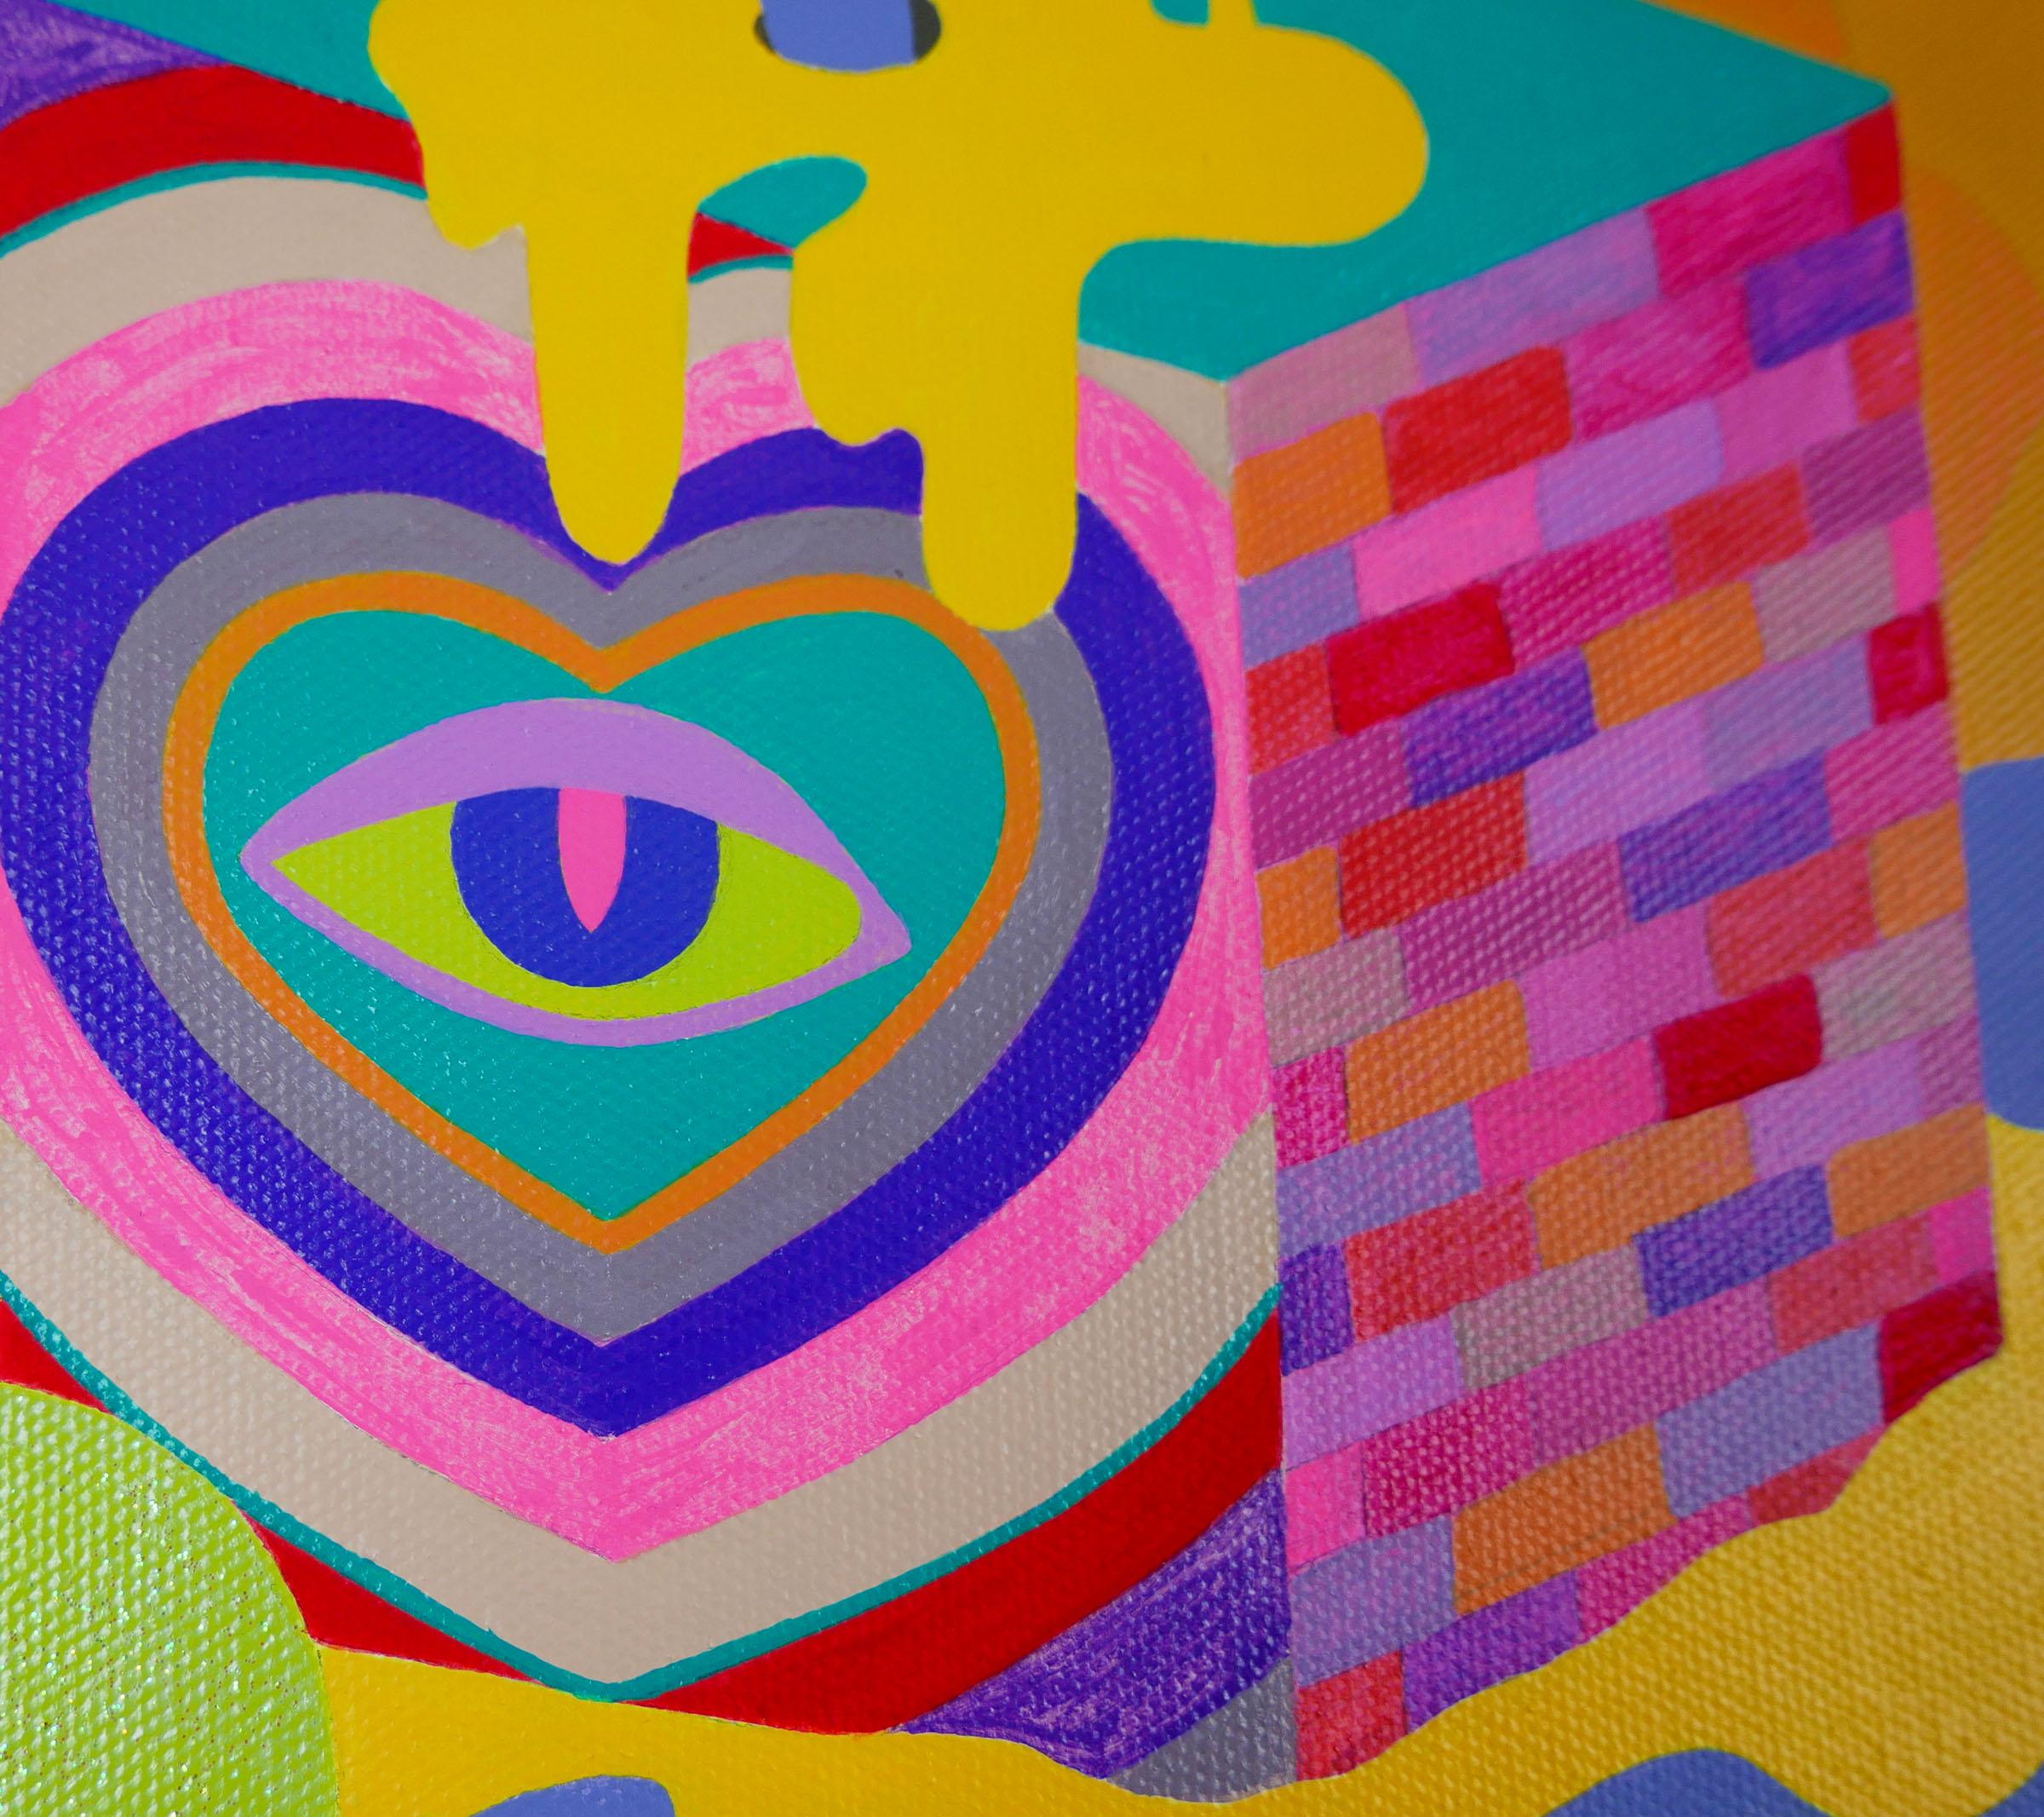 Scissor_Detail1.jpg